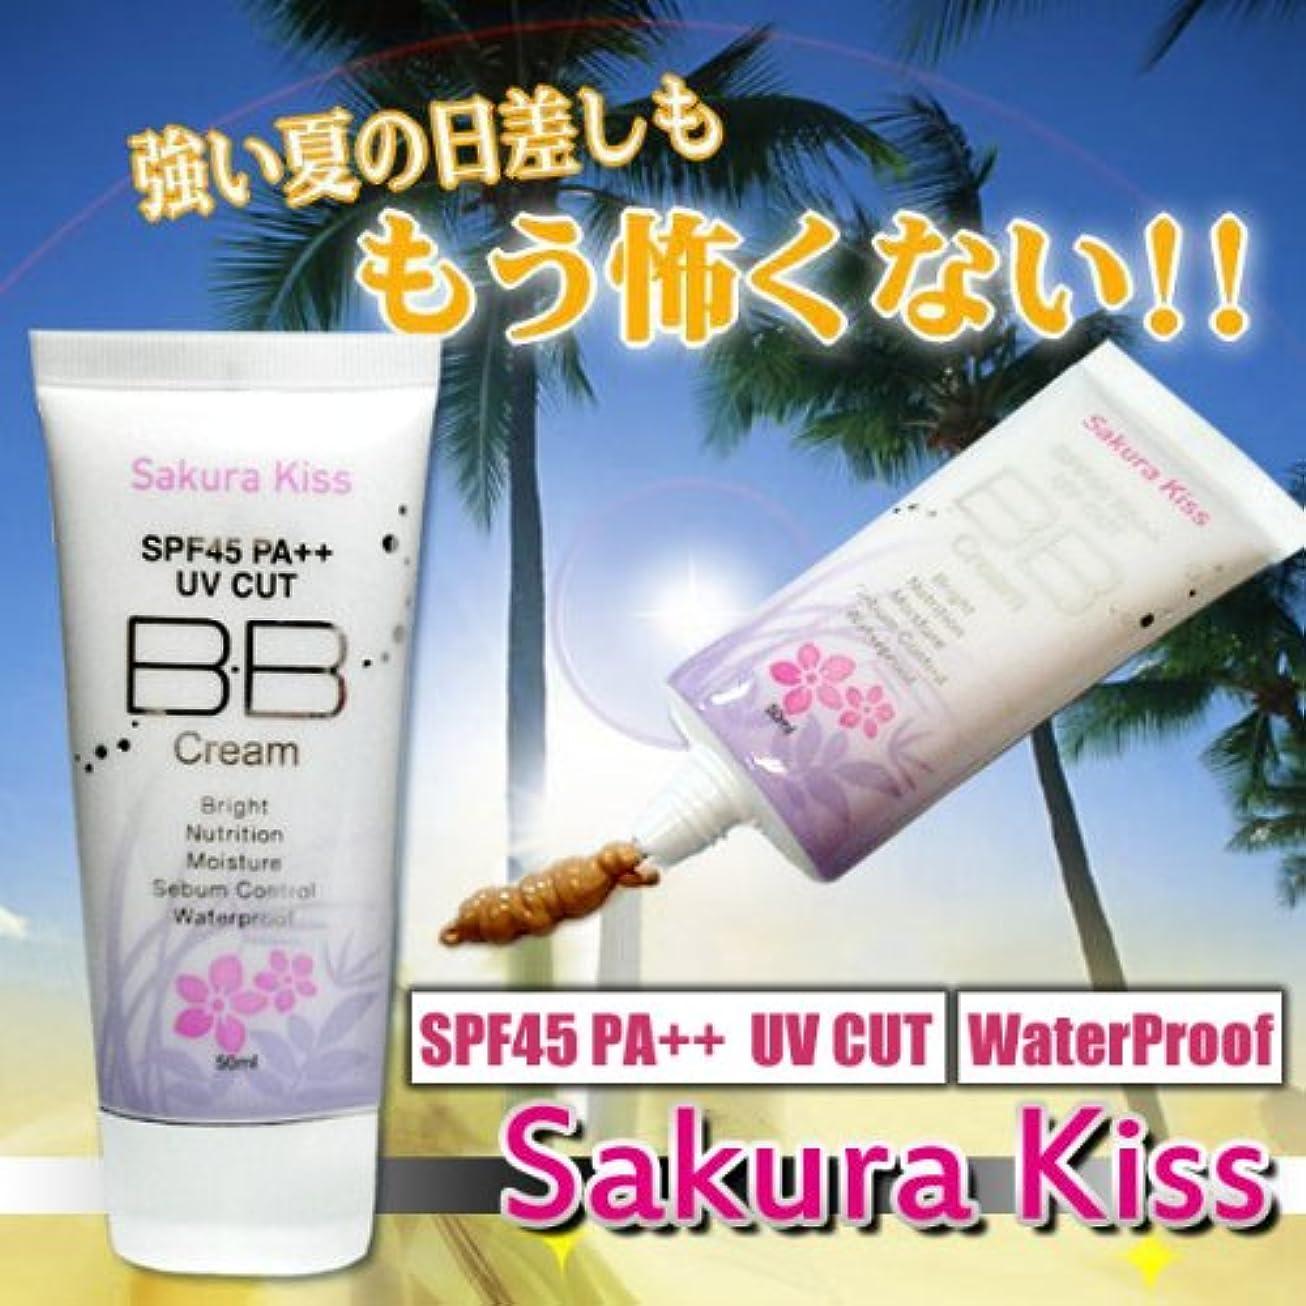 悪因子豪華な振り返るSakura Kiss BBクリーム UVプロテクト SPF45PA++ 50ml